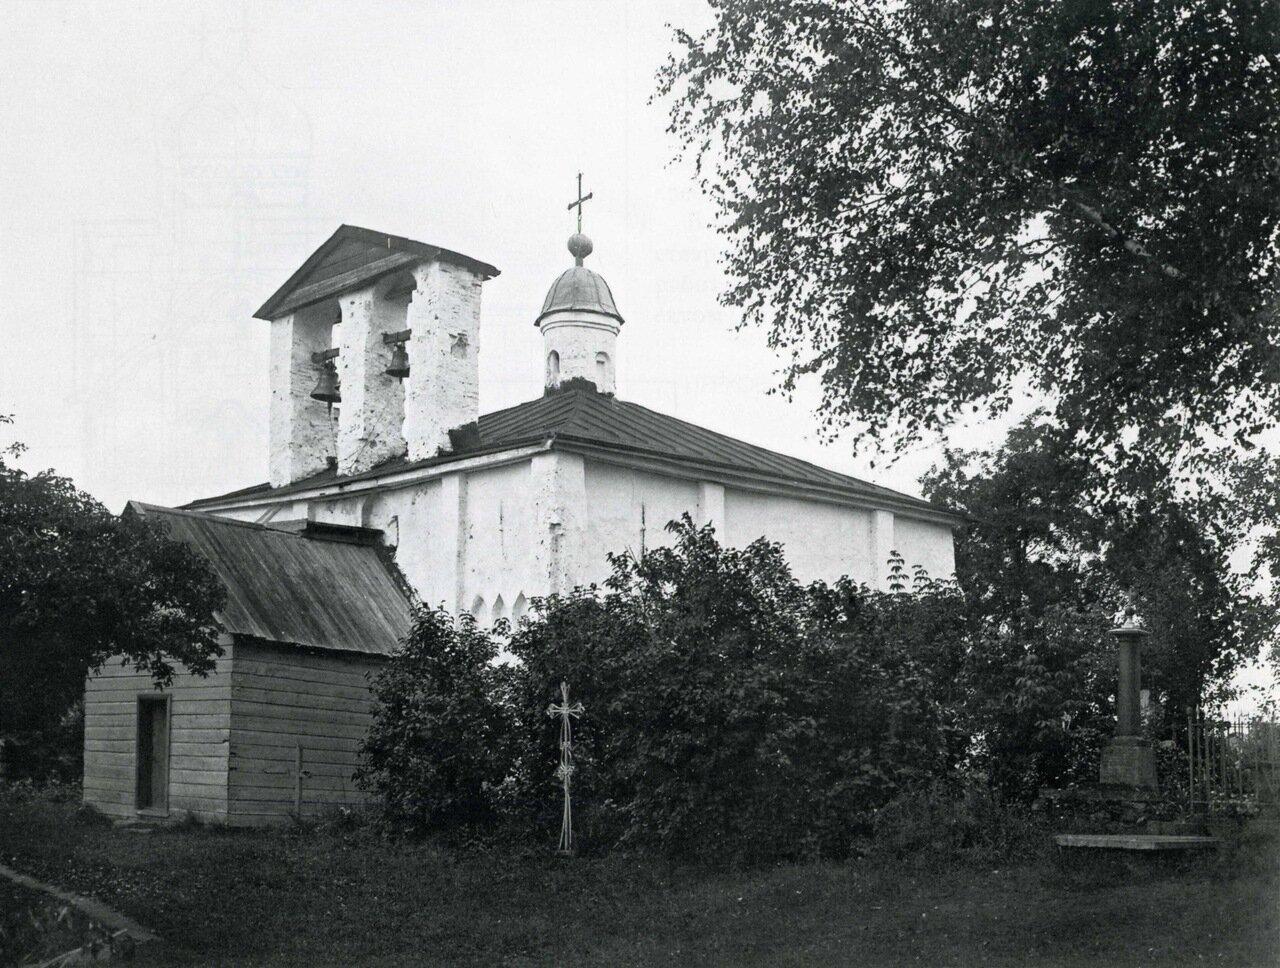 Церковь Иоанна Милостивого на Мячине. Вид с юго-востока